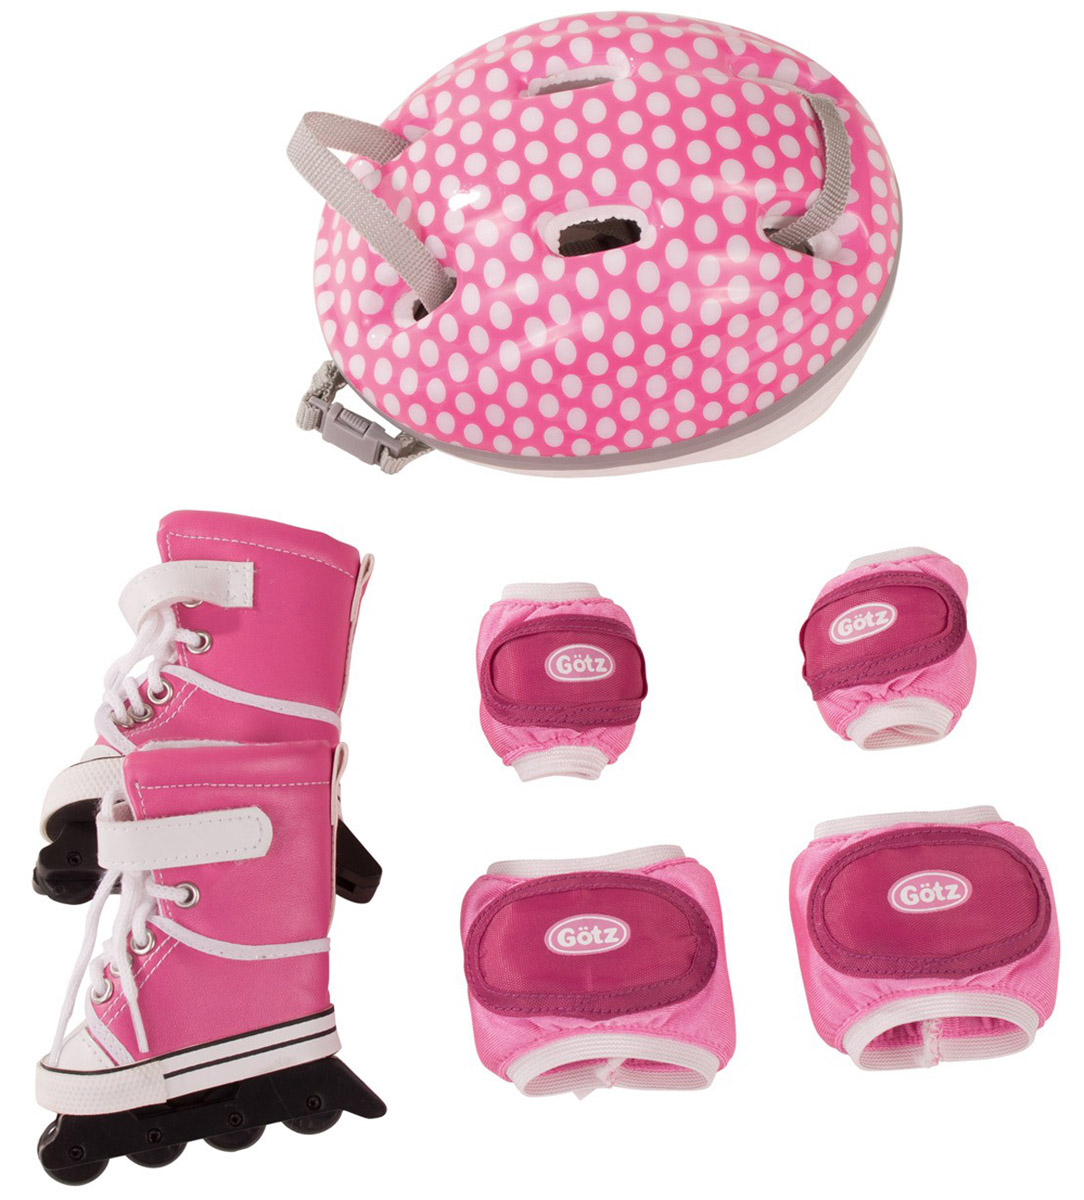 Gotz Набор для катания на роликах аксессуары для кукол gotz набор зимней спортивной одежды для куклы для куклы